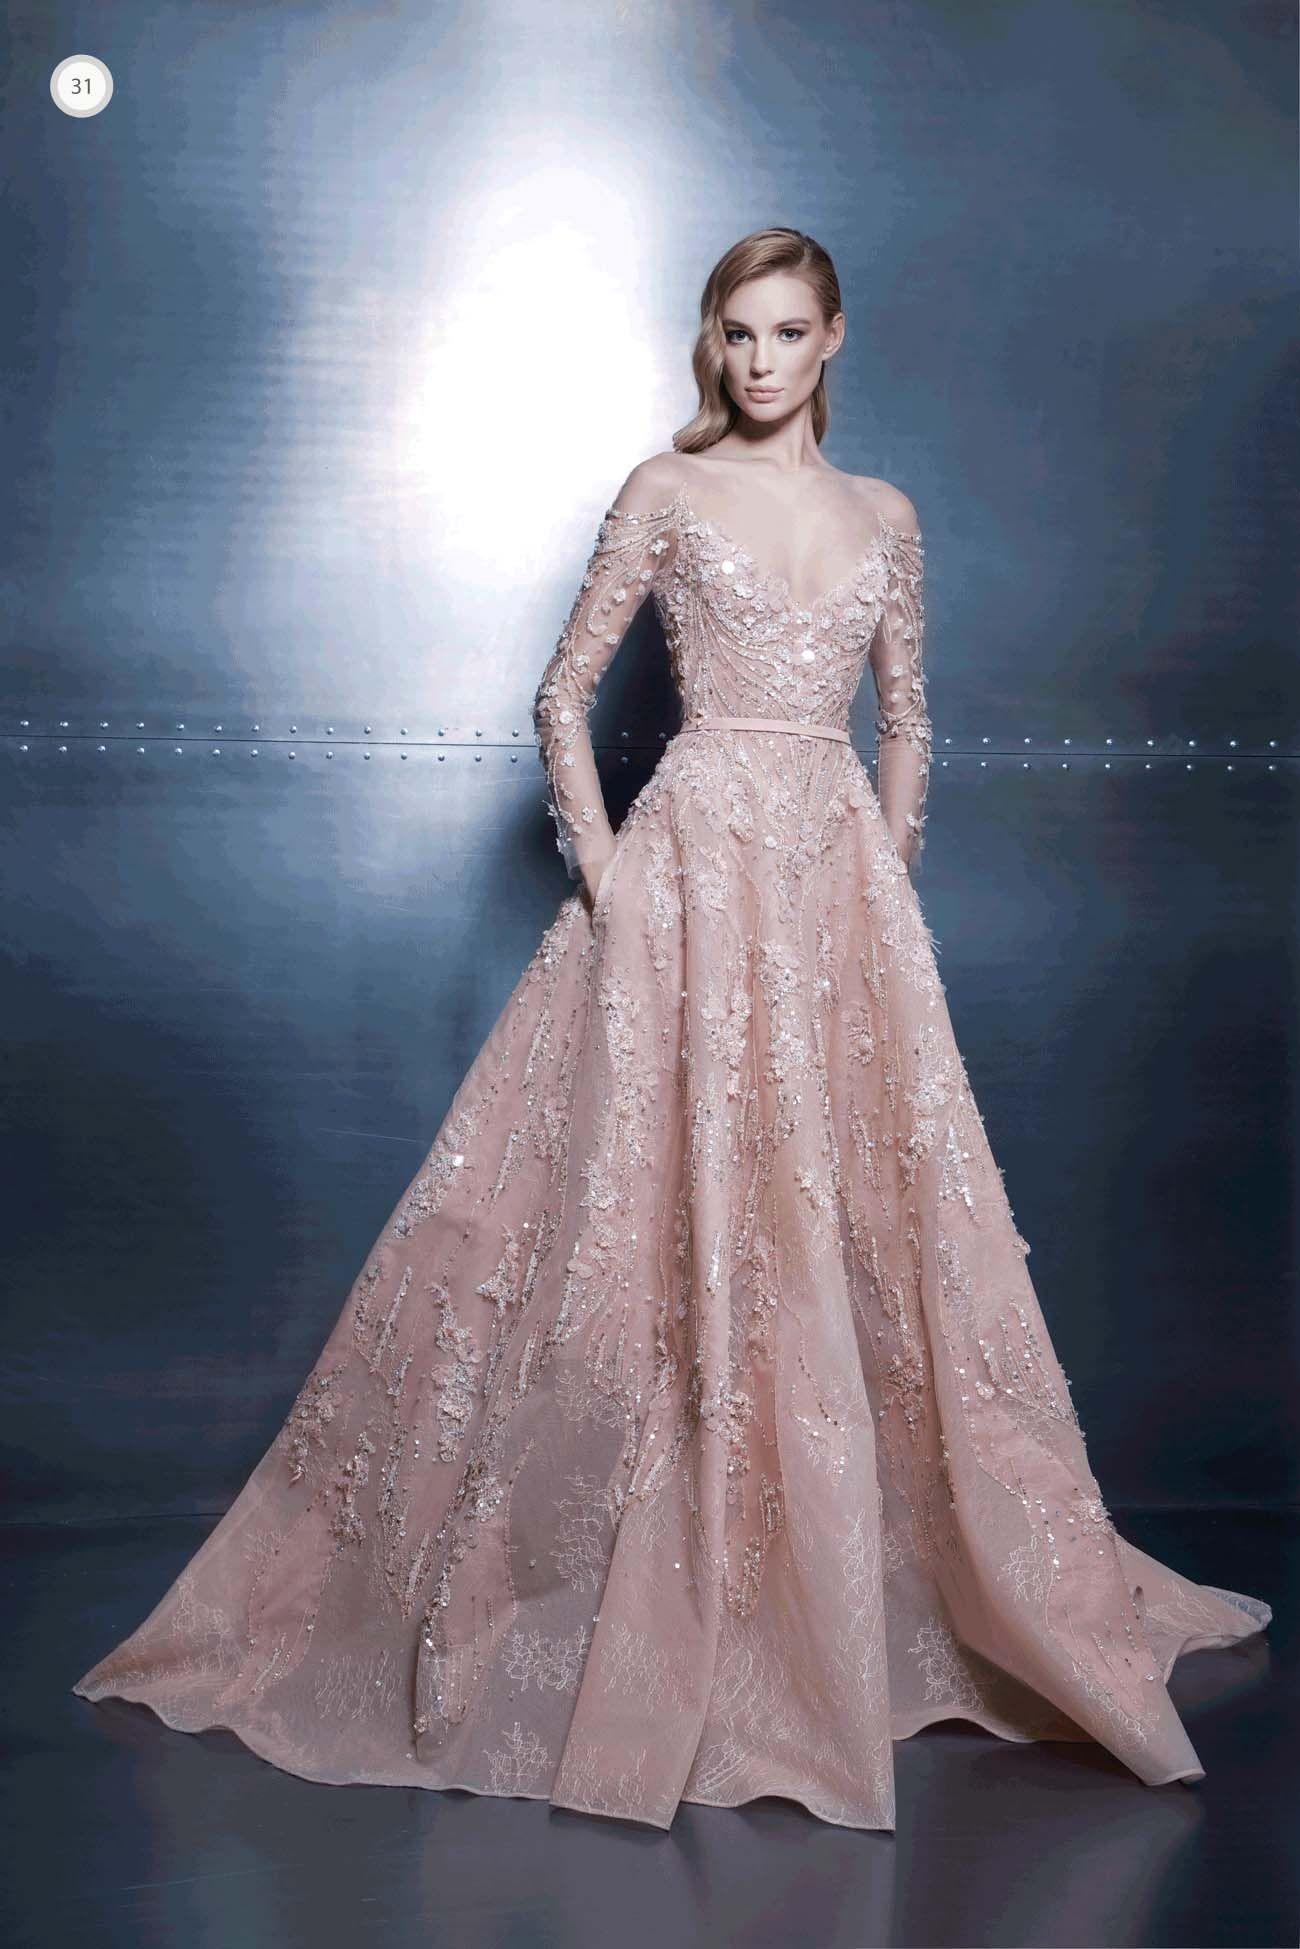 بالصور فستان سواريه , اجمل اطلالة لسهرتك بهذه الفساتين 5087